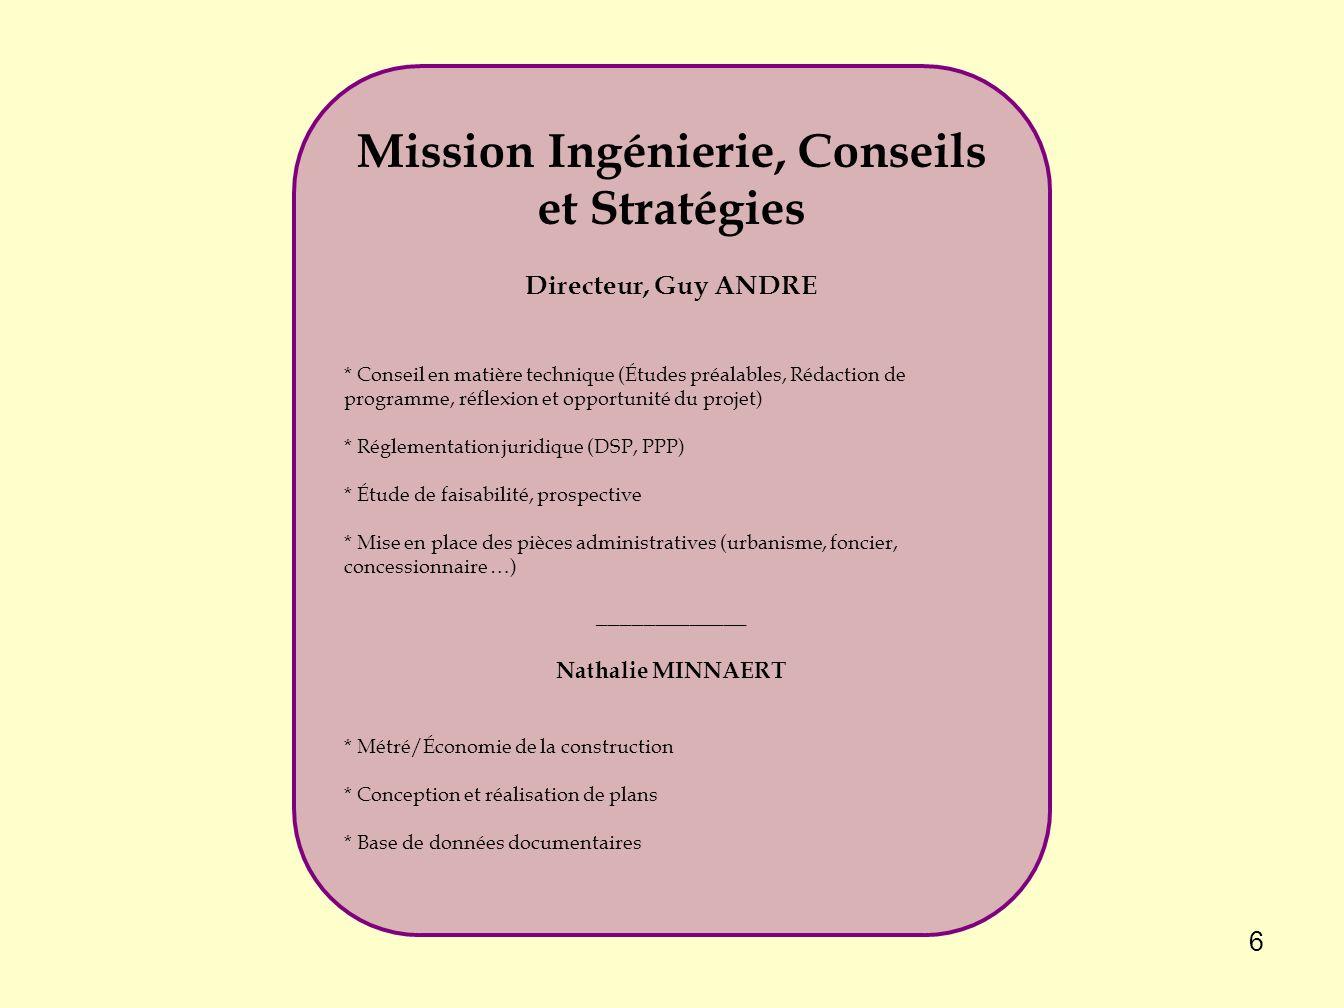 Mission Ingénierie, Conseils et Stratégies